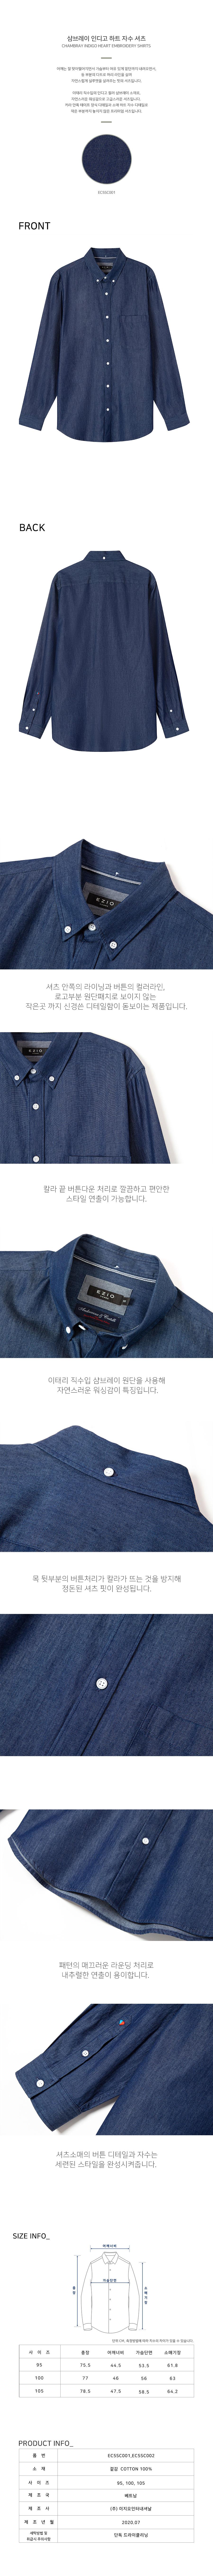 이지오(EZIO) C5SC001 샴브레이 인디고 하트자수 셔츠 - 네이비